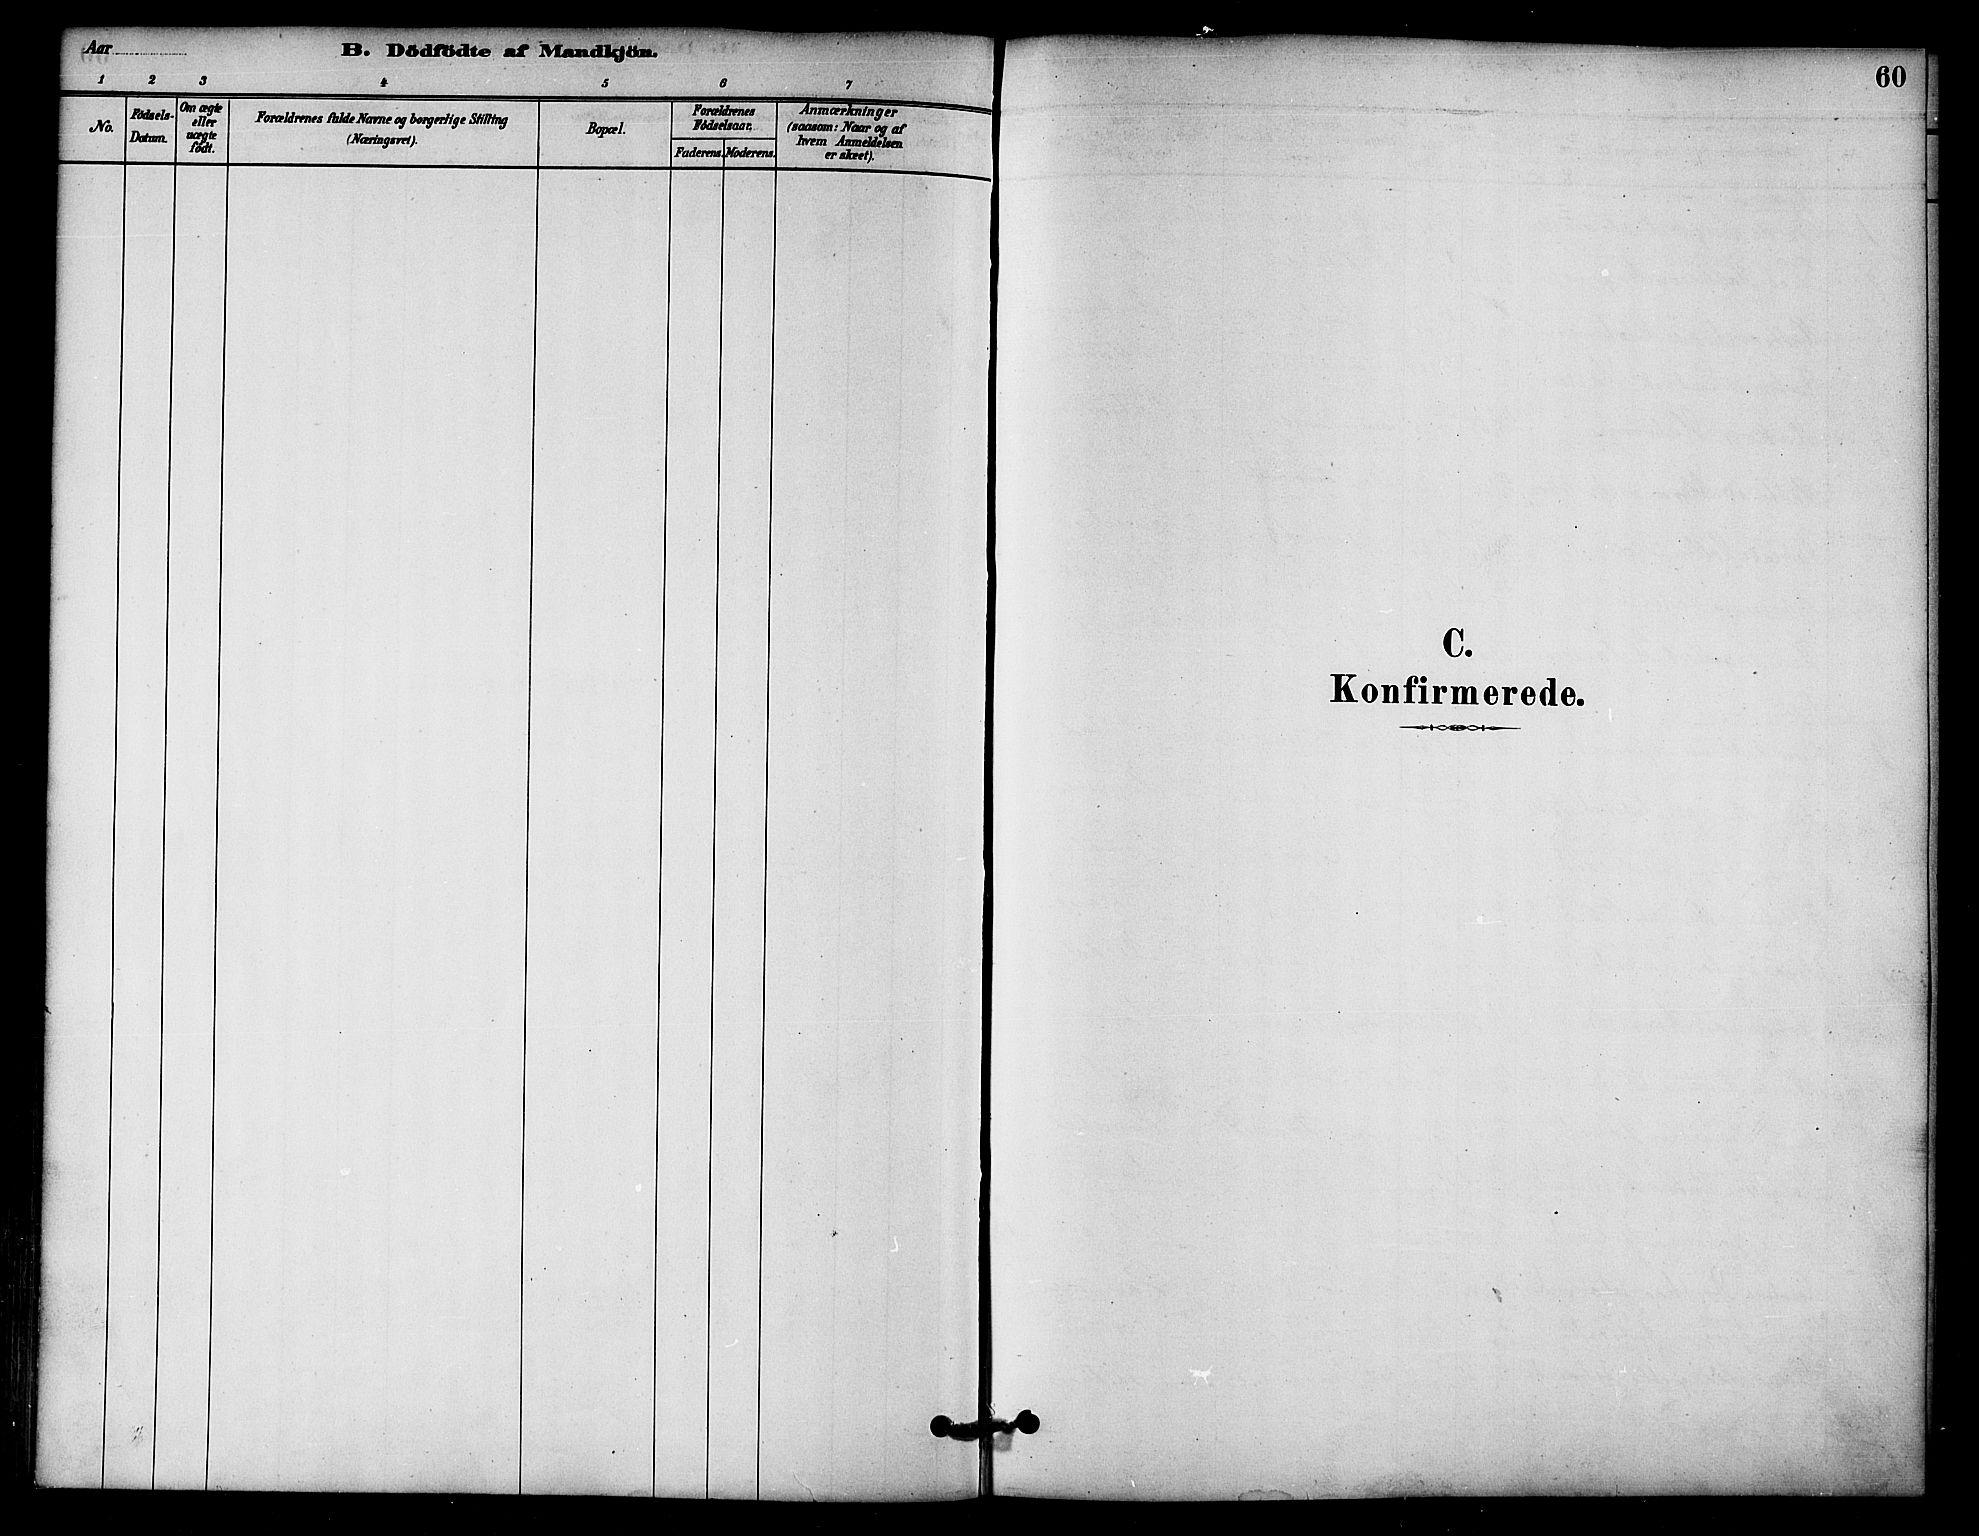 SAT, Ministerialprotokoller, klokkerbøker og fødselsregistre - Nord-Trøndelag, 766/L0563: Ministerialbok nr. 767A01, 1881-1899, s. 60